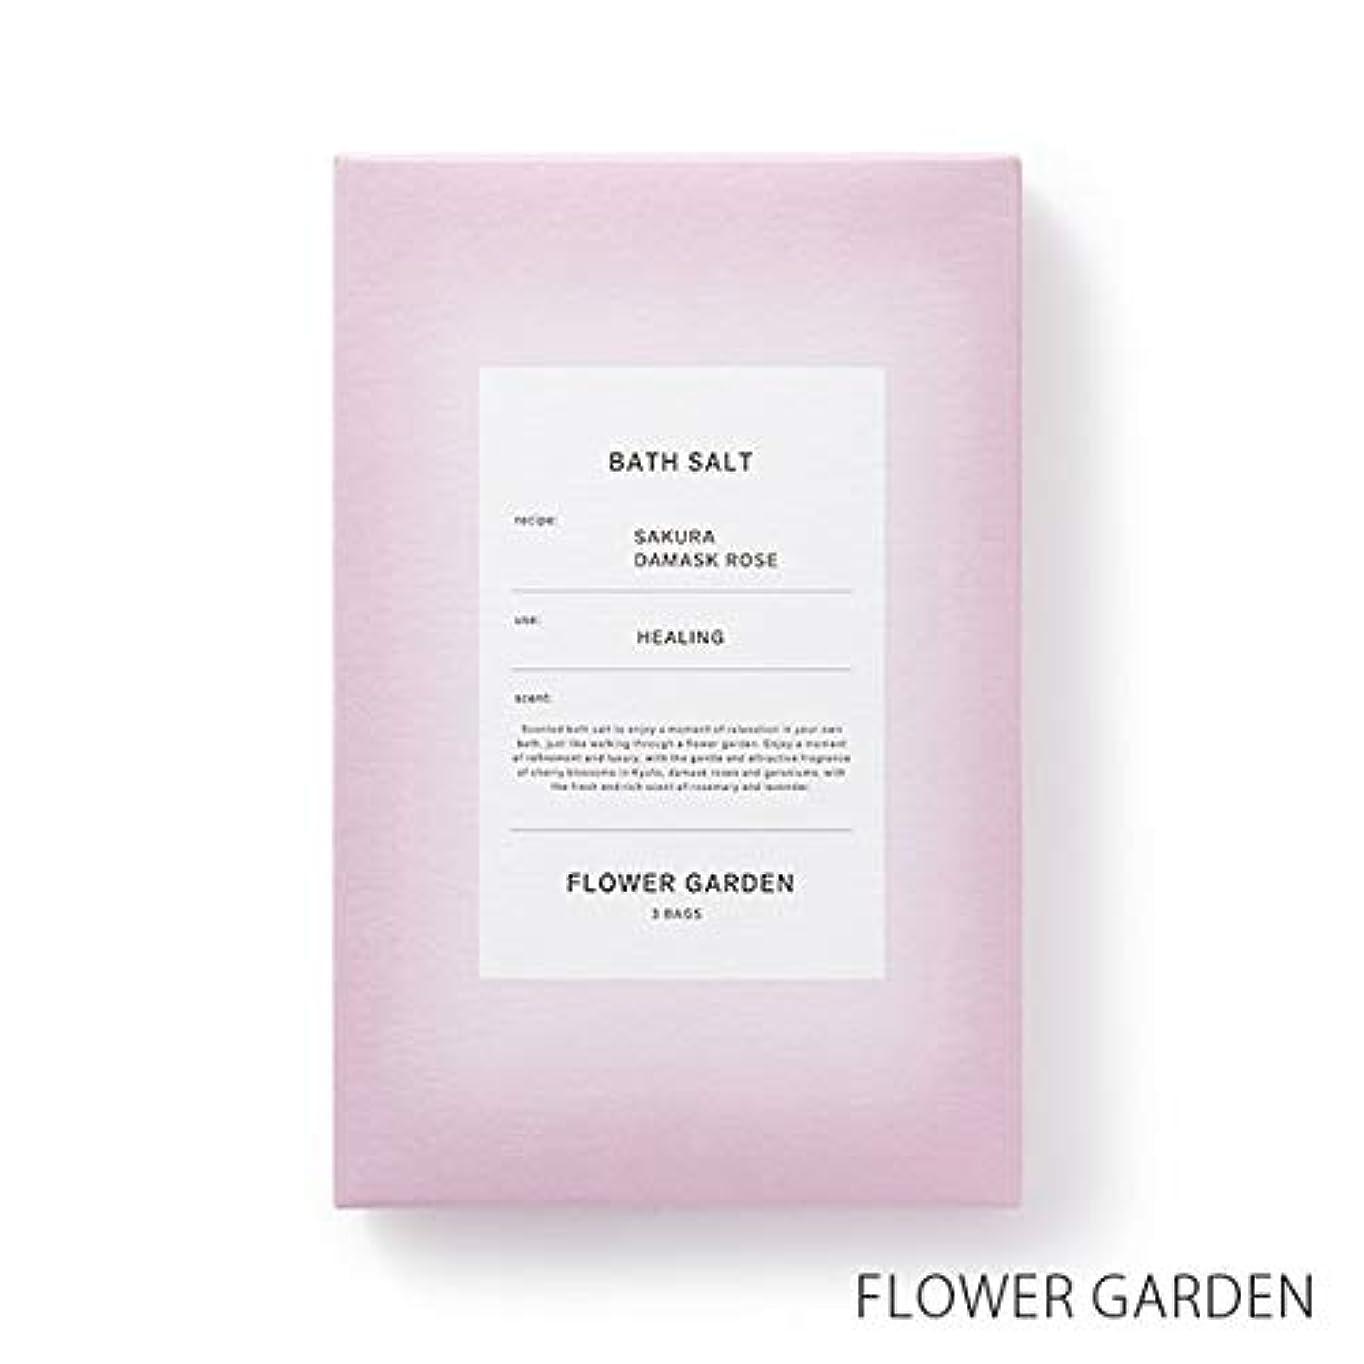 修理工橋アプライアンス【薫玉堂】 バスソルト FLOWER GARDEN 花の庭 ピンク 和 桜の香り